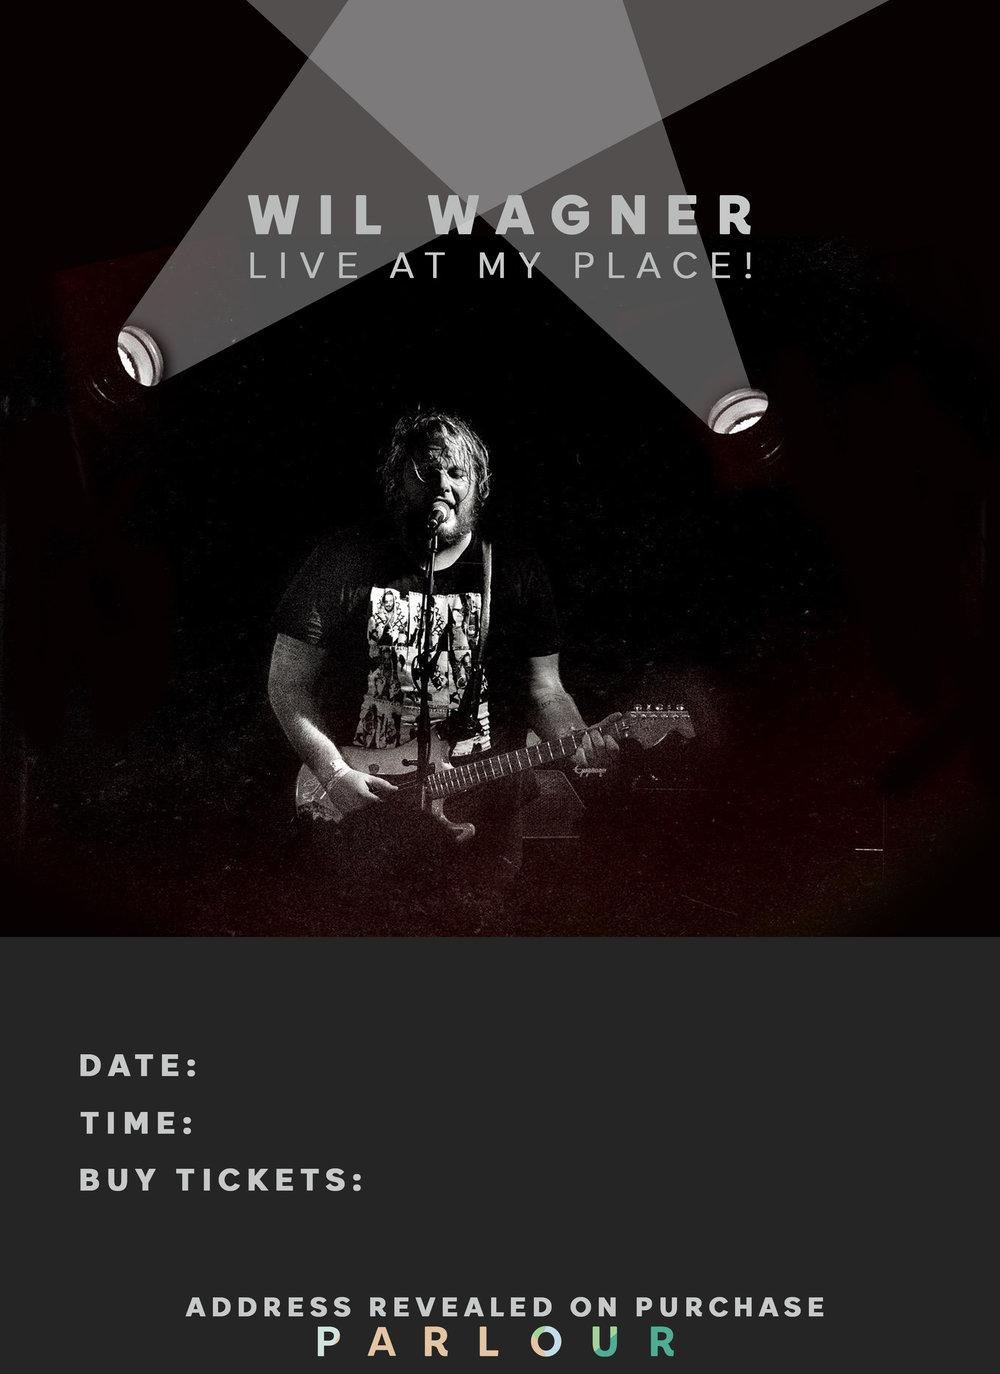 Wil Wagnert poster.jpg